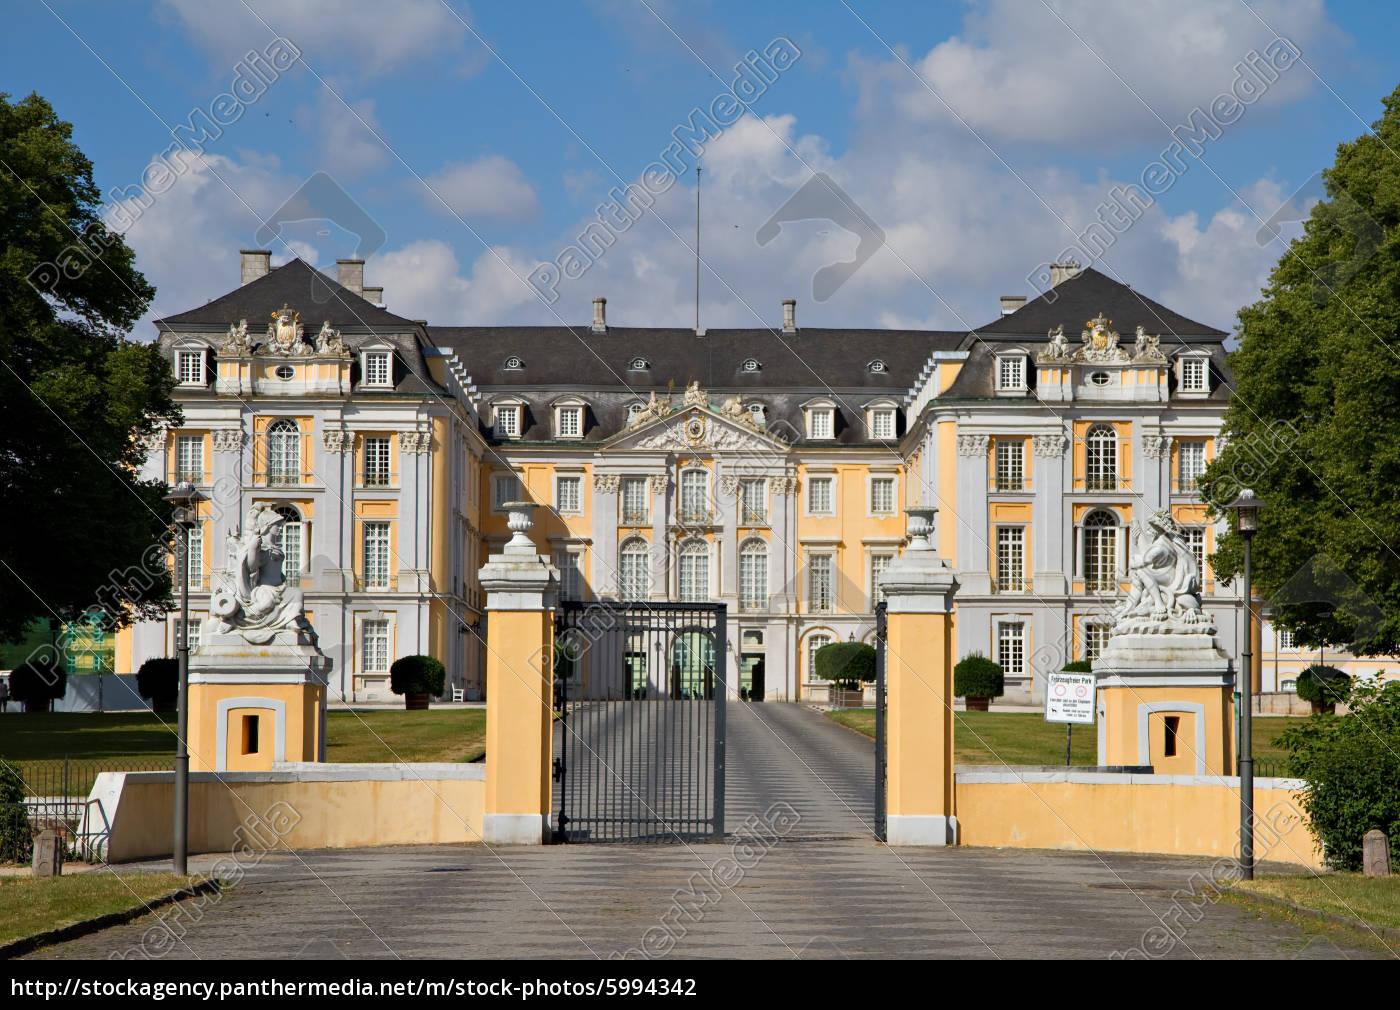 główne, wejście, do, pałacu, augustusburg - 5994342